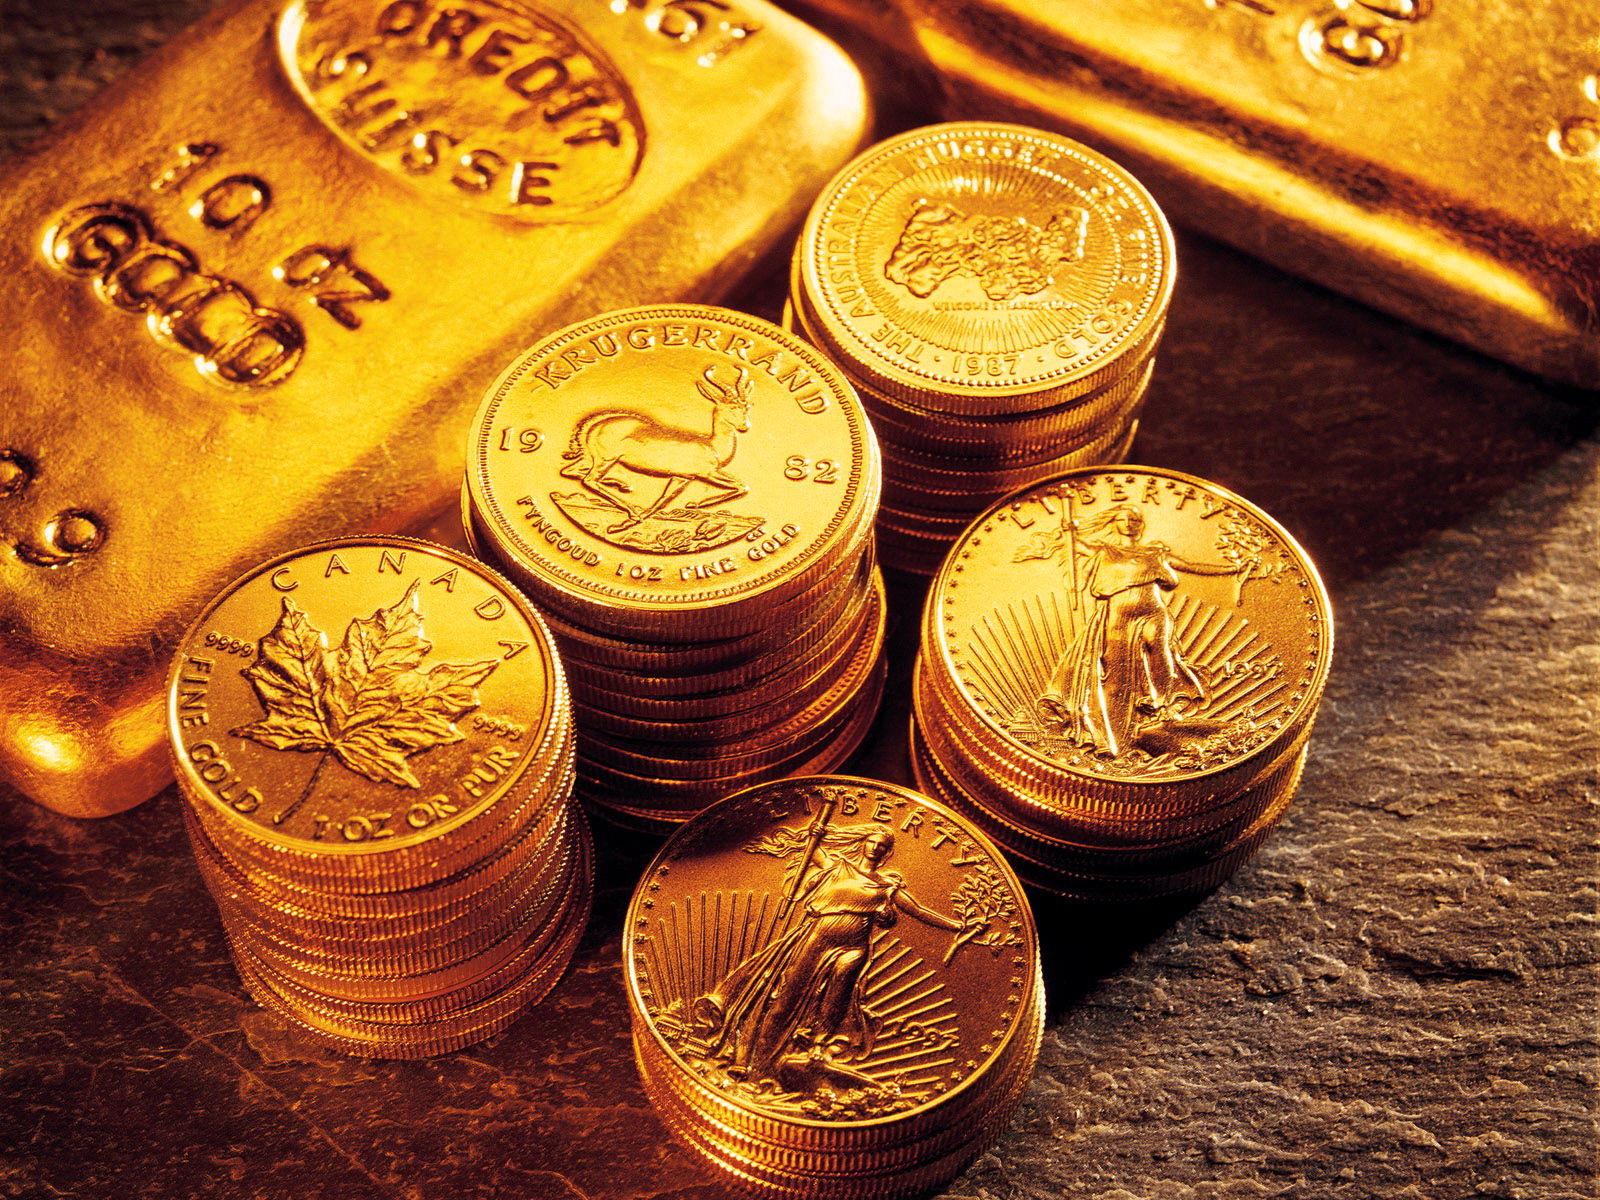 قیمت طلا امروز در بازار | رشد 0.35 درصدی قیمت جهانی طلا